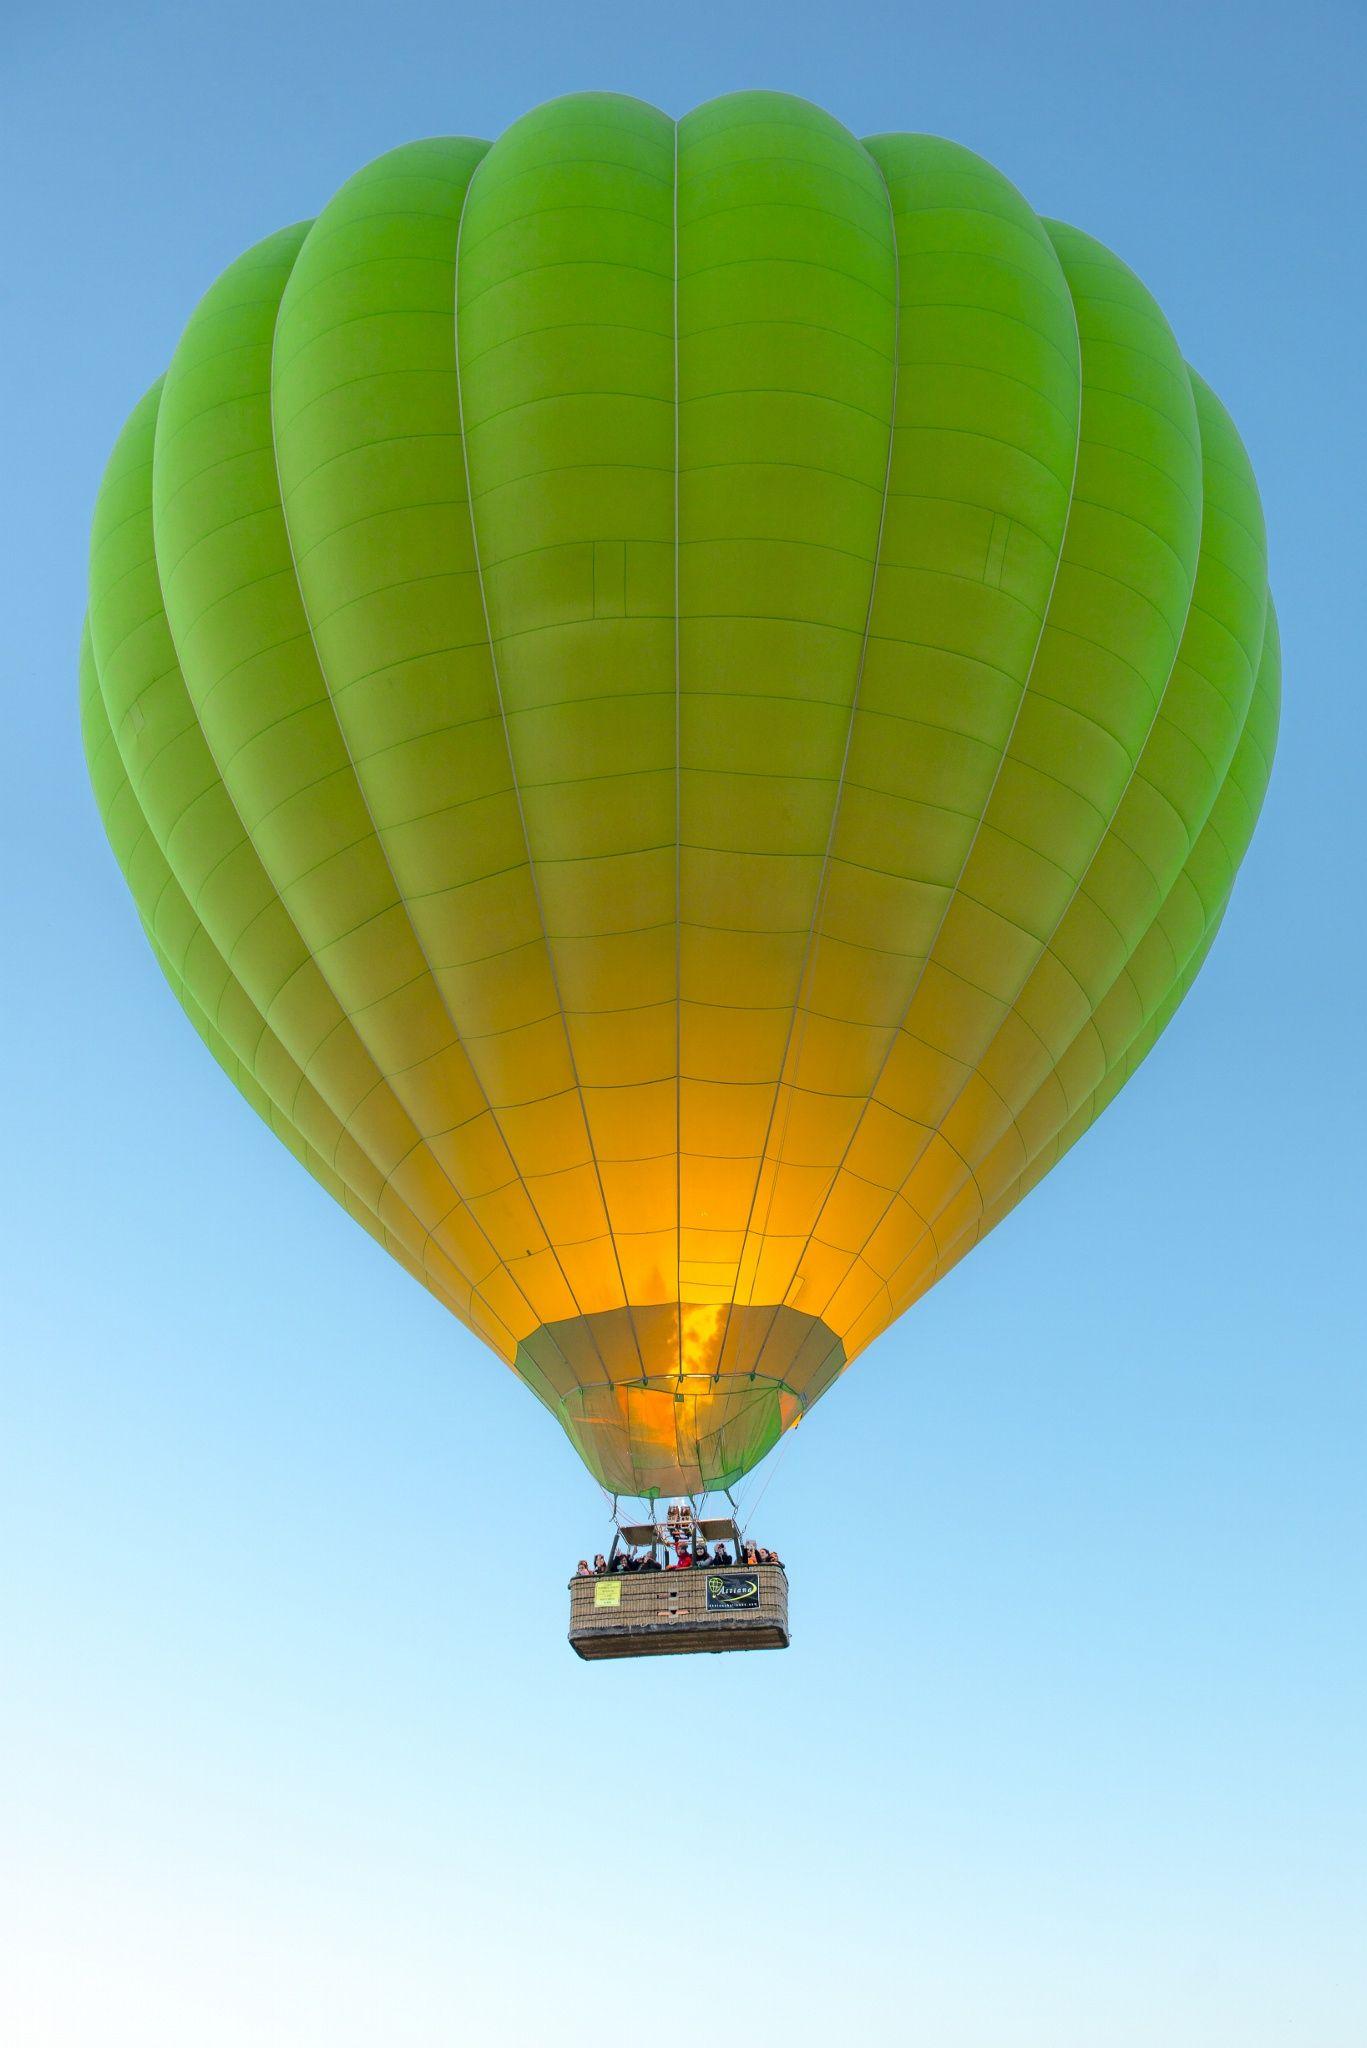 balloons Air balloon rides, Air balloon, Hot air balloon